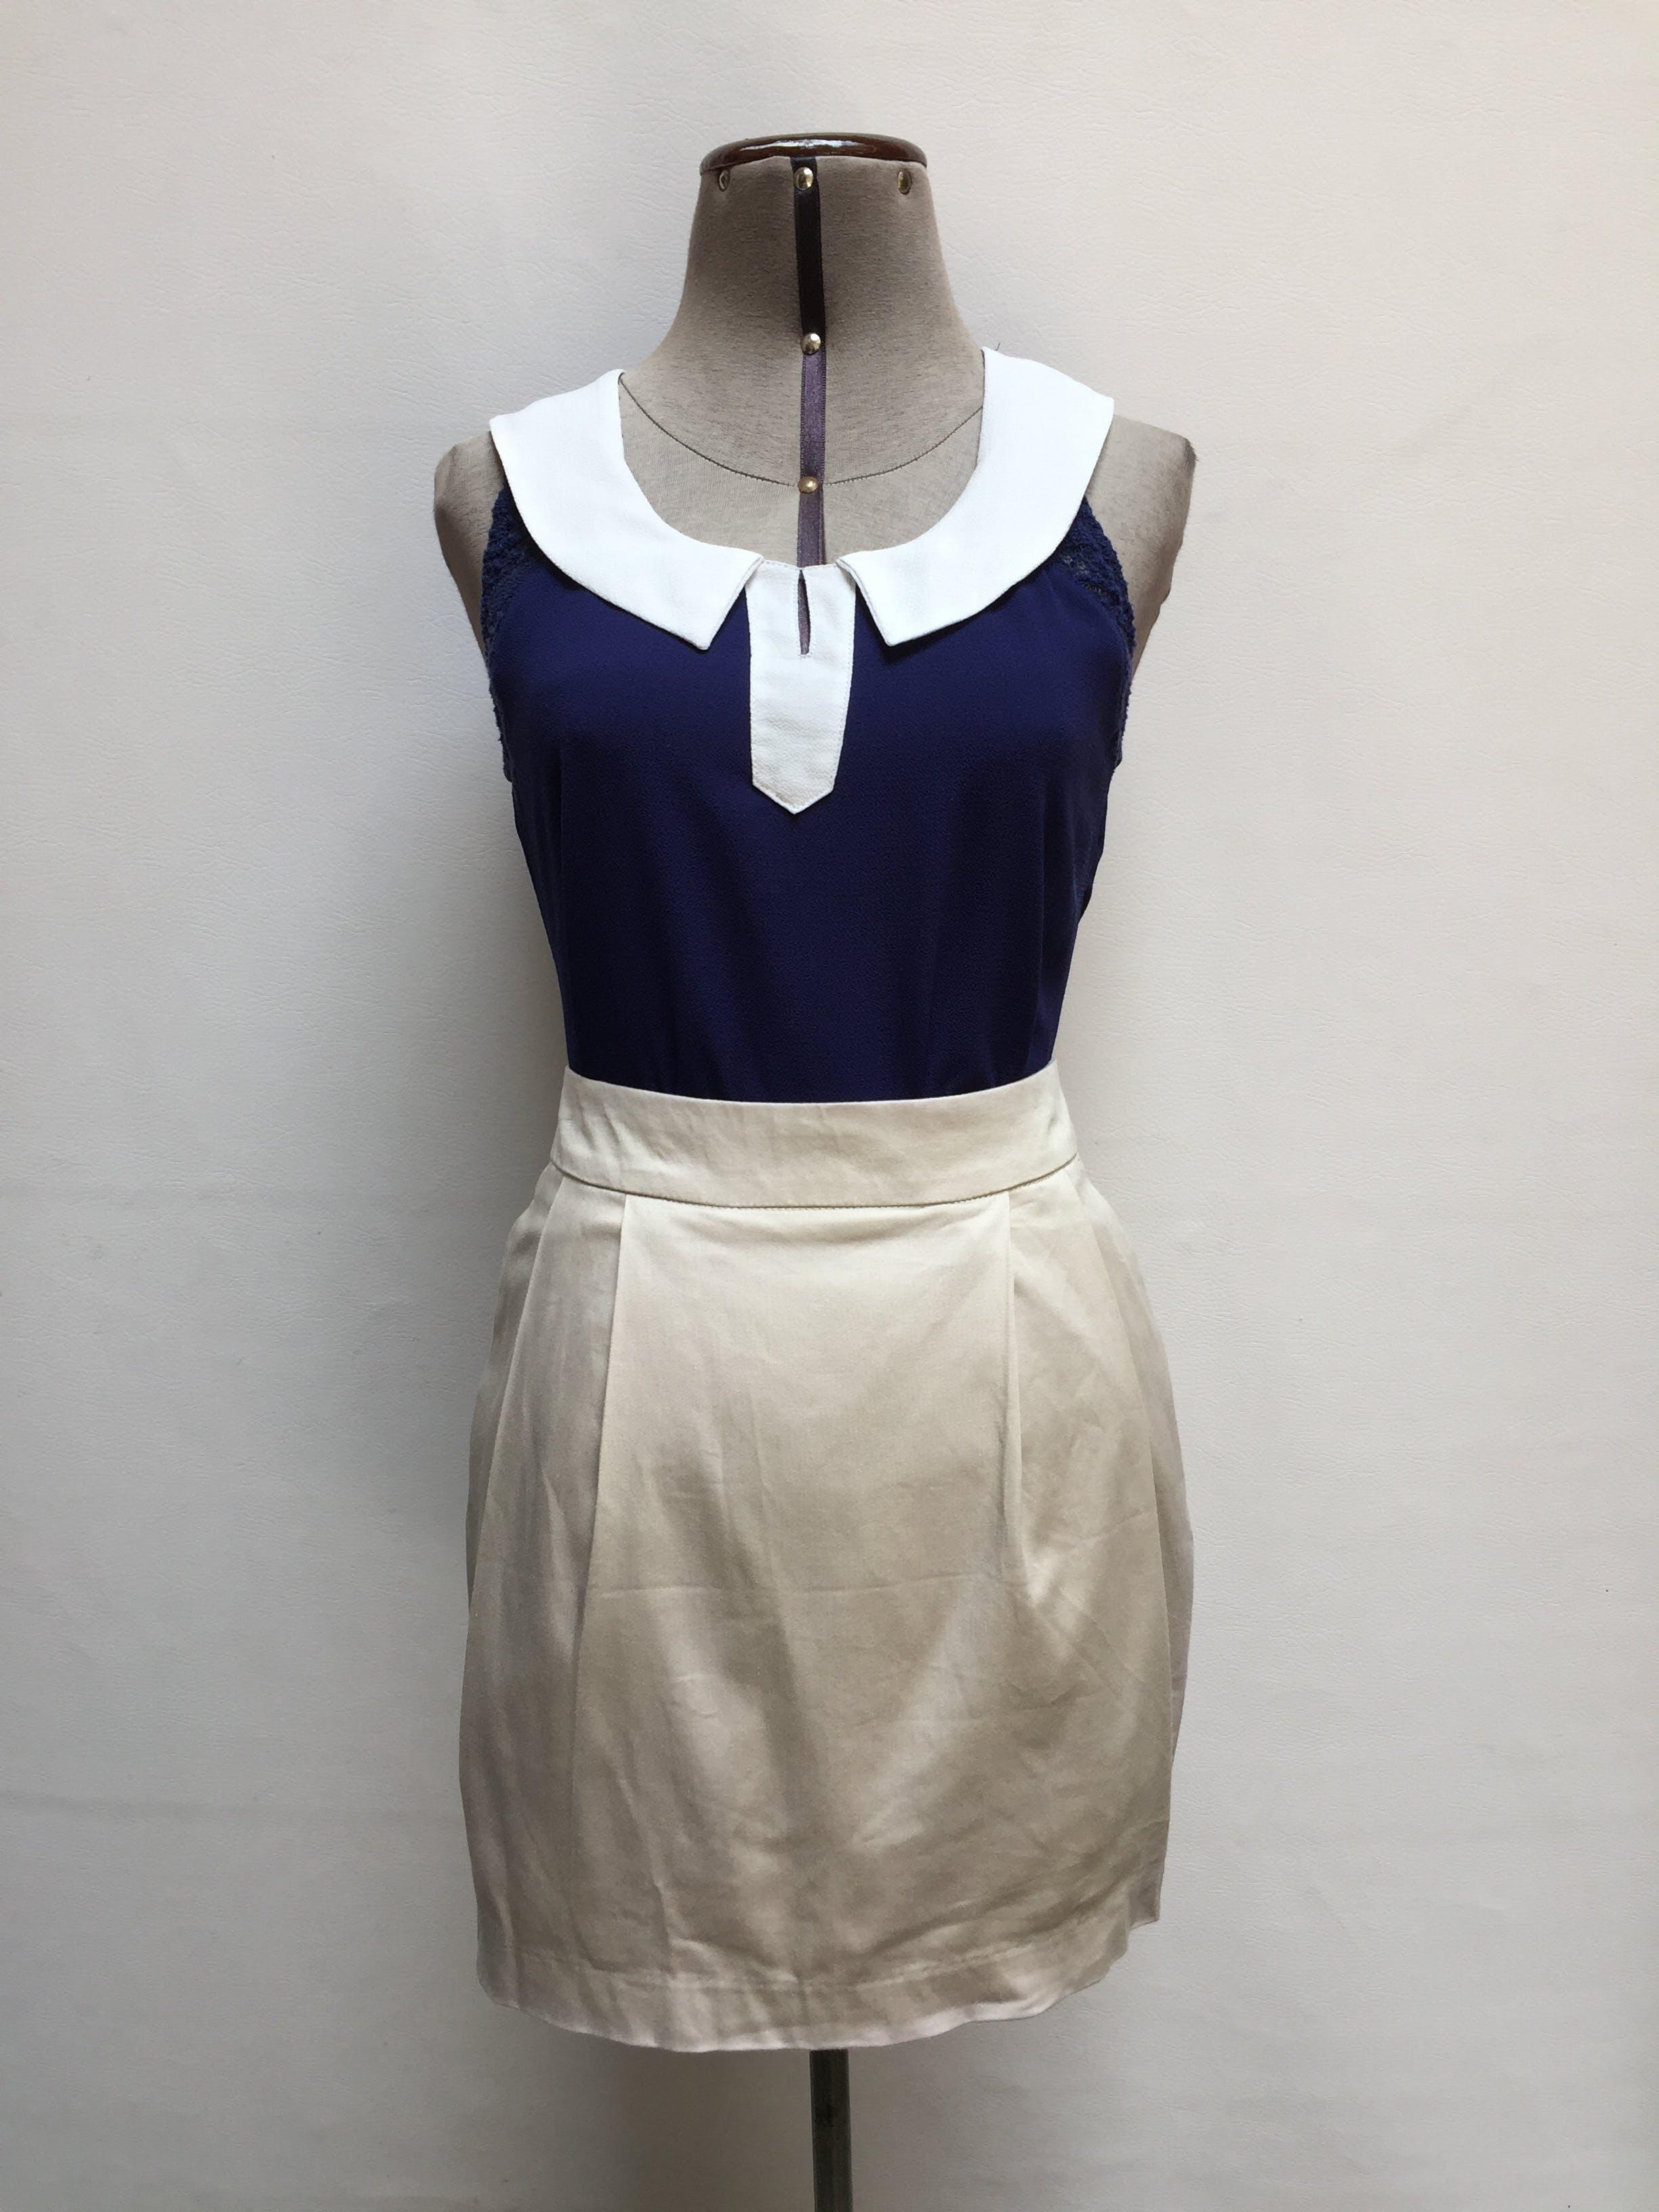 Blusa de gasa azul, cuello redondo con detalles blancos y encaje en las mangas, botòn y abertura posterior Talla S